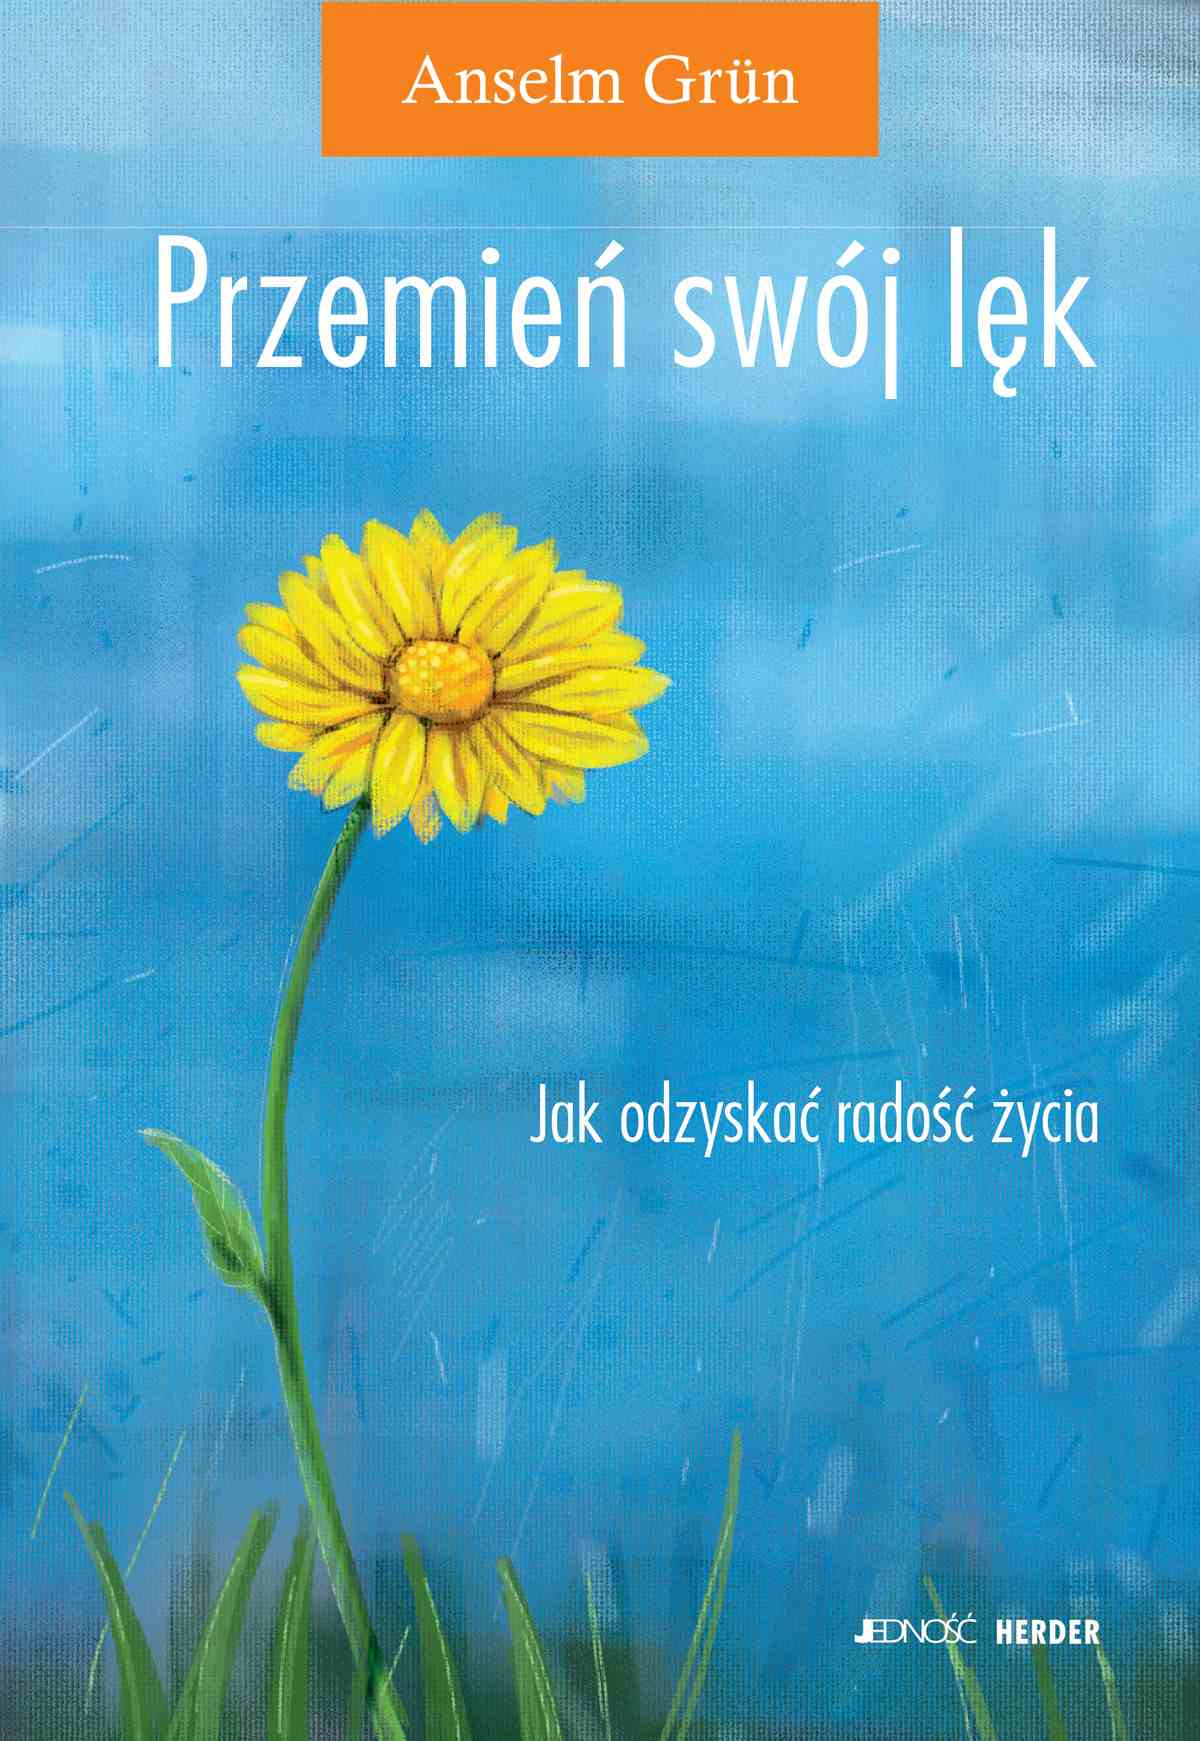 Przemień swój lęk. Jak odzyskać radość życia? - Ebook (Książka EPUB) do pobrania w formacie EPUB